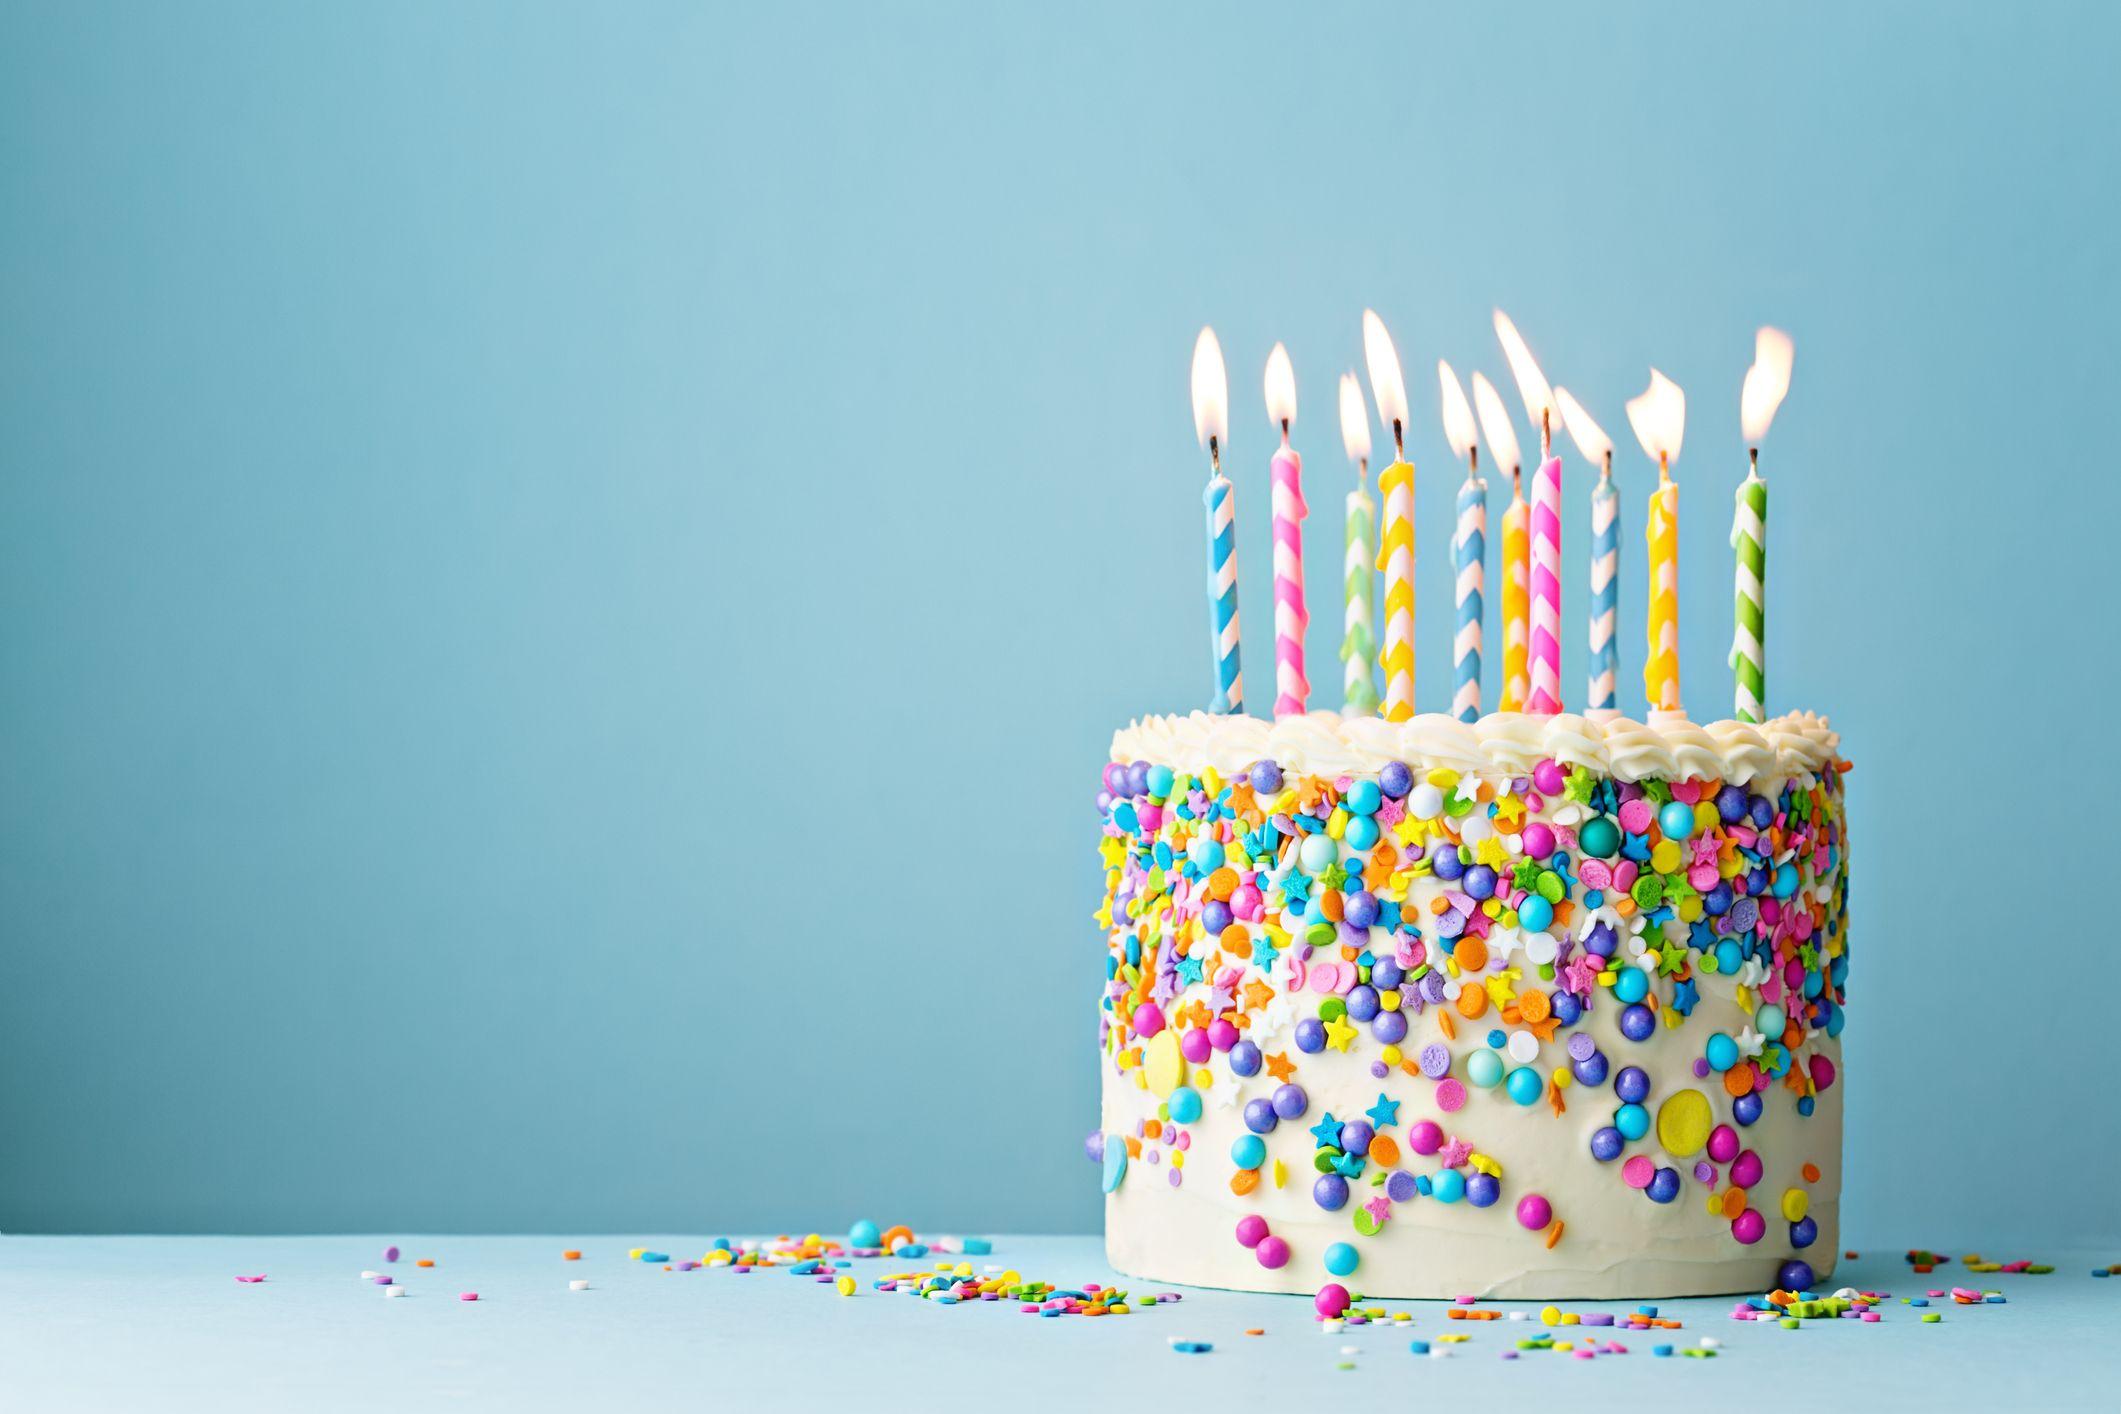 Belle Texte d'anniversaire - 25 idées de textes d'anniversaire VY-83